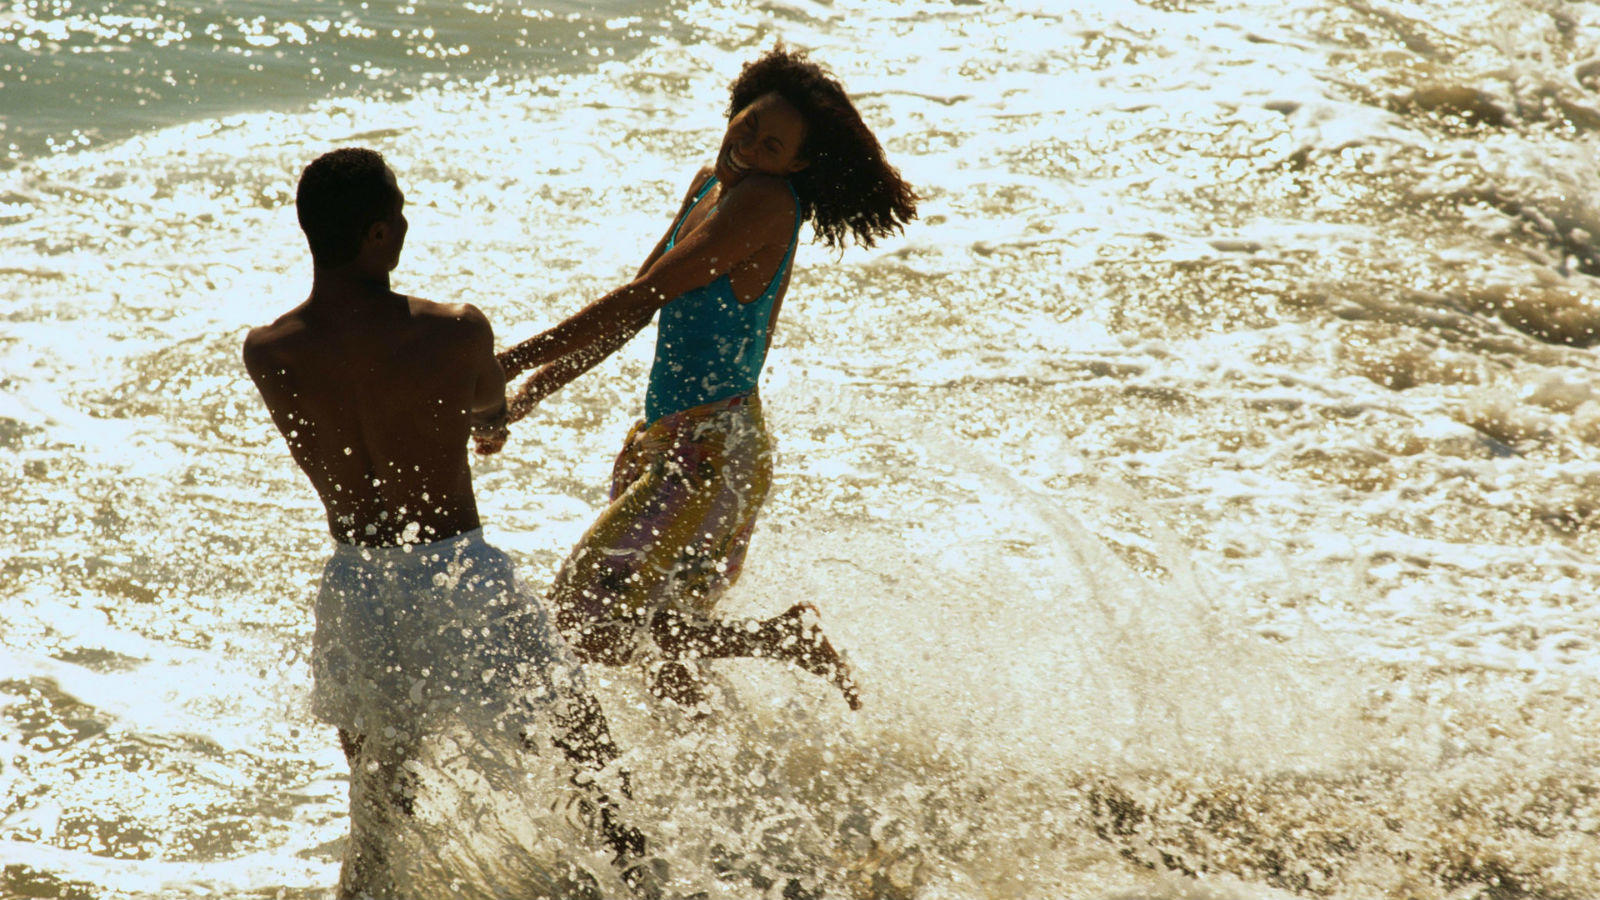 Nyáron, állandósul az izgalom, hisz mindennapossá válik a bikiniben strandoló nők látványa, emiatt nehezebb fenntartani a szexuális vágyat.